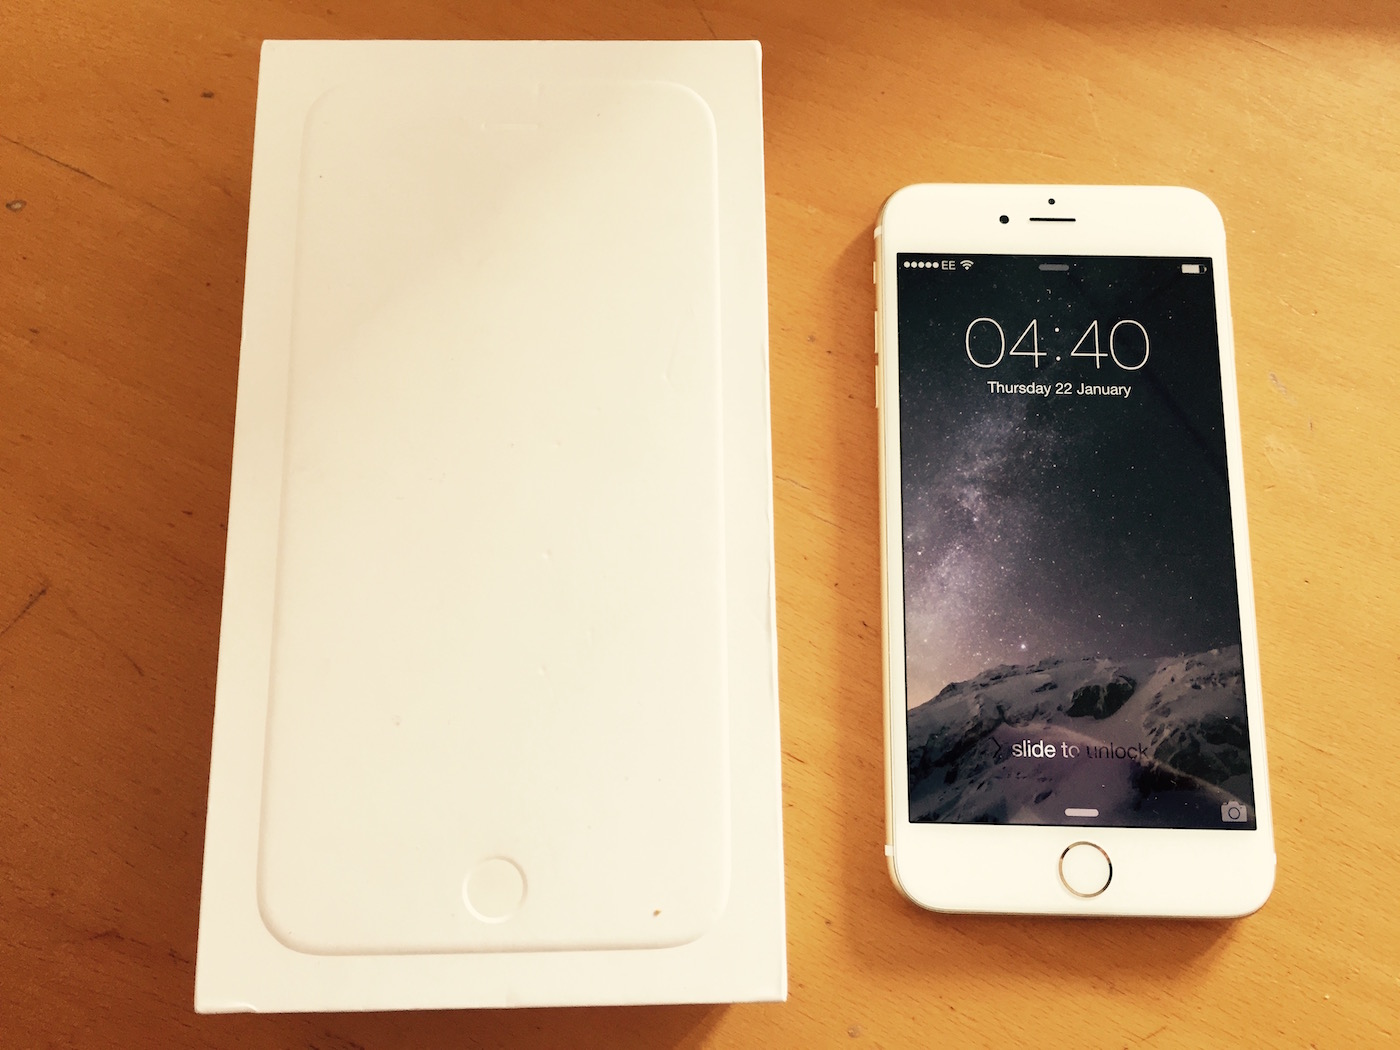 اپل به دادگاه میرود تا درباره دستگاههای تعویضی «ریفربیش شده» توضیح دهد